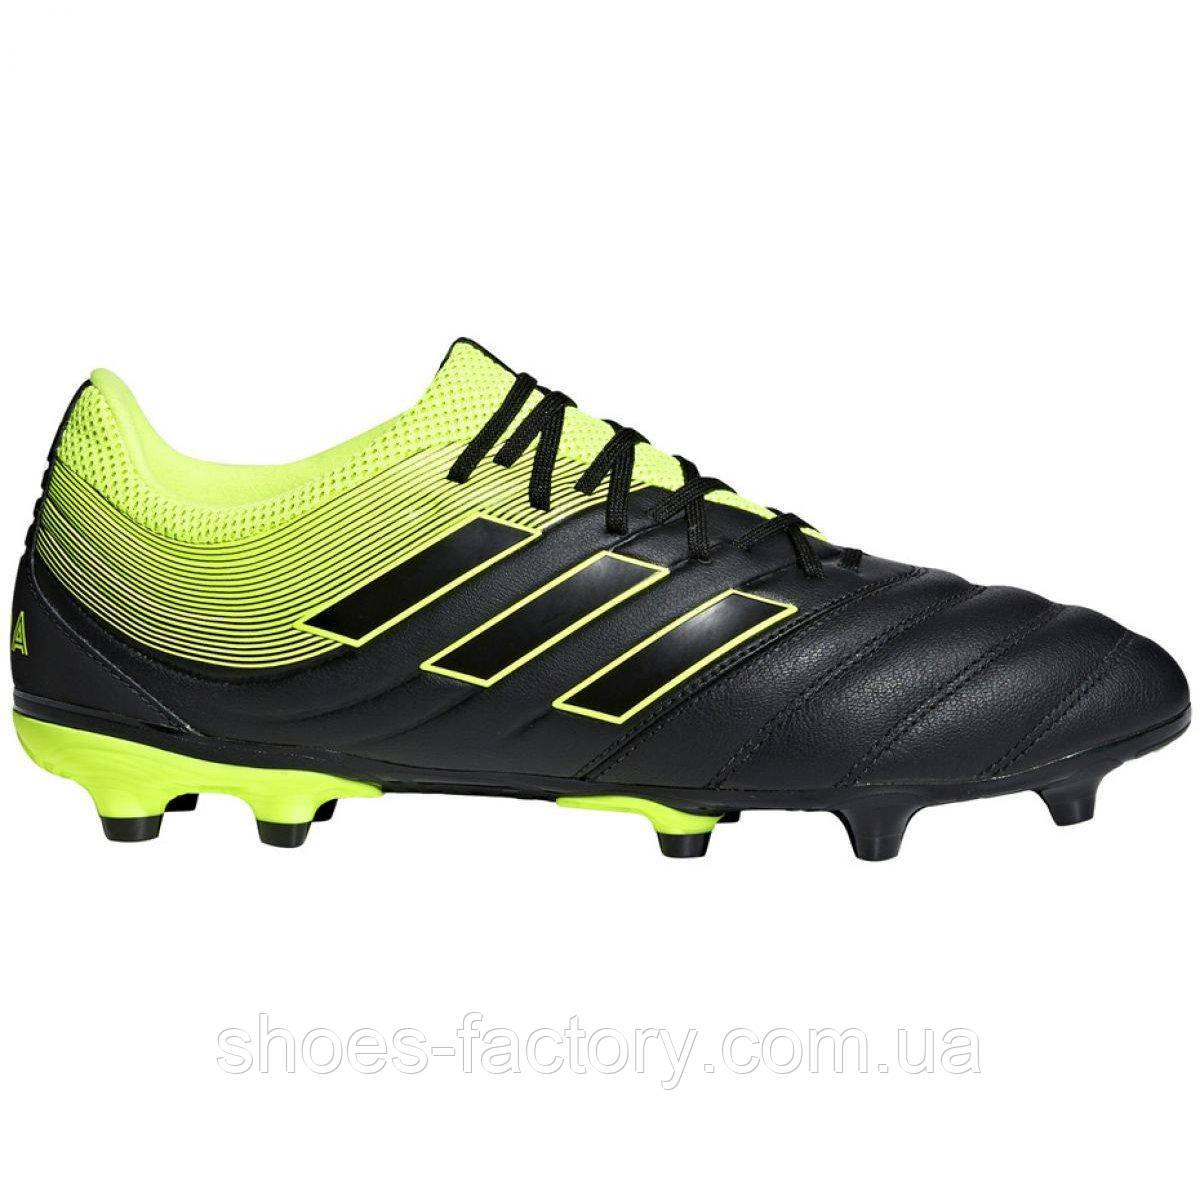 Бутсы футбольные Adidas Copa 19.3 Fg M BB8090 (Оригинал)